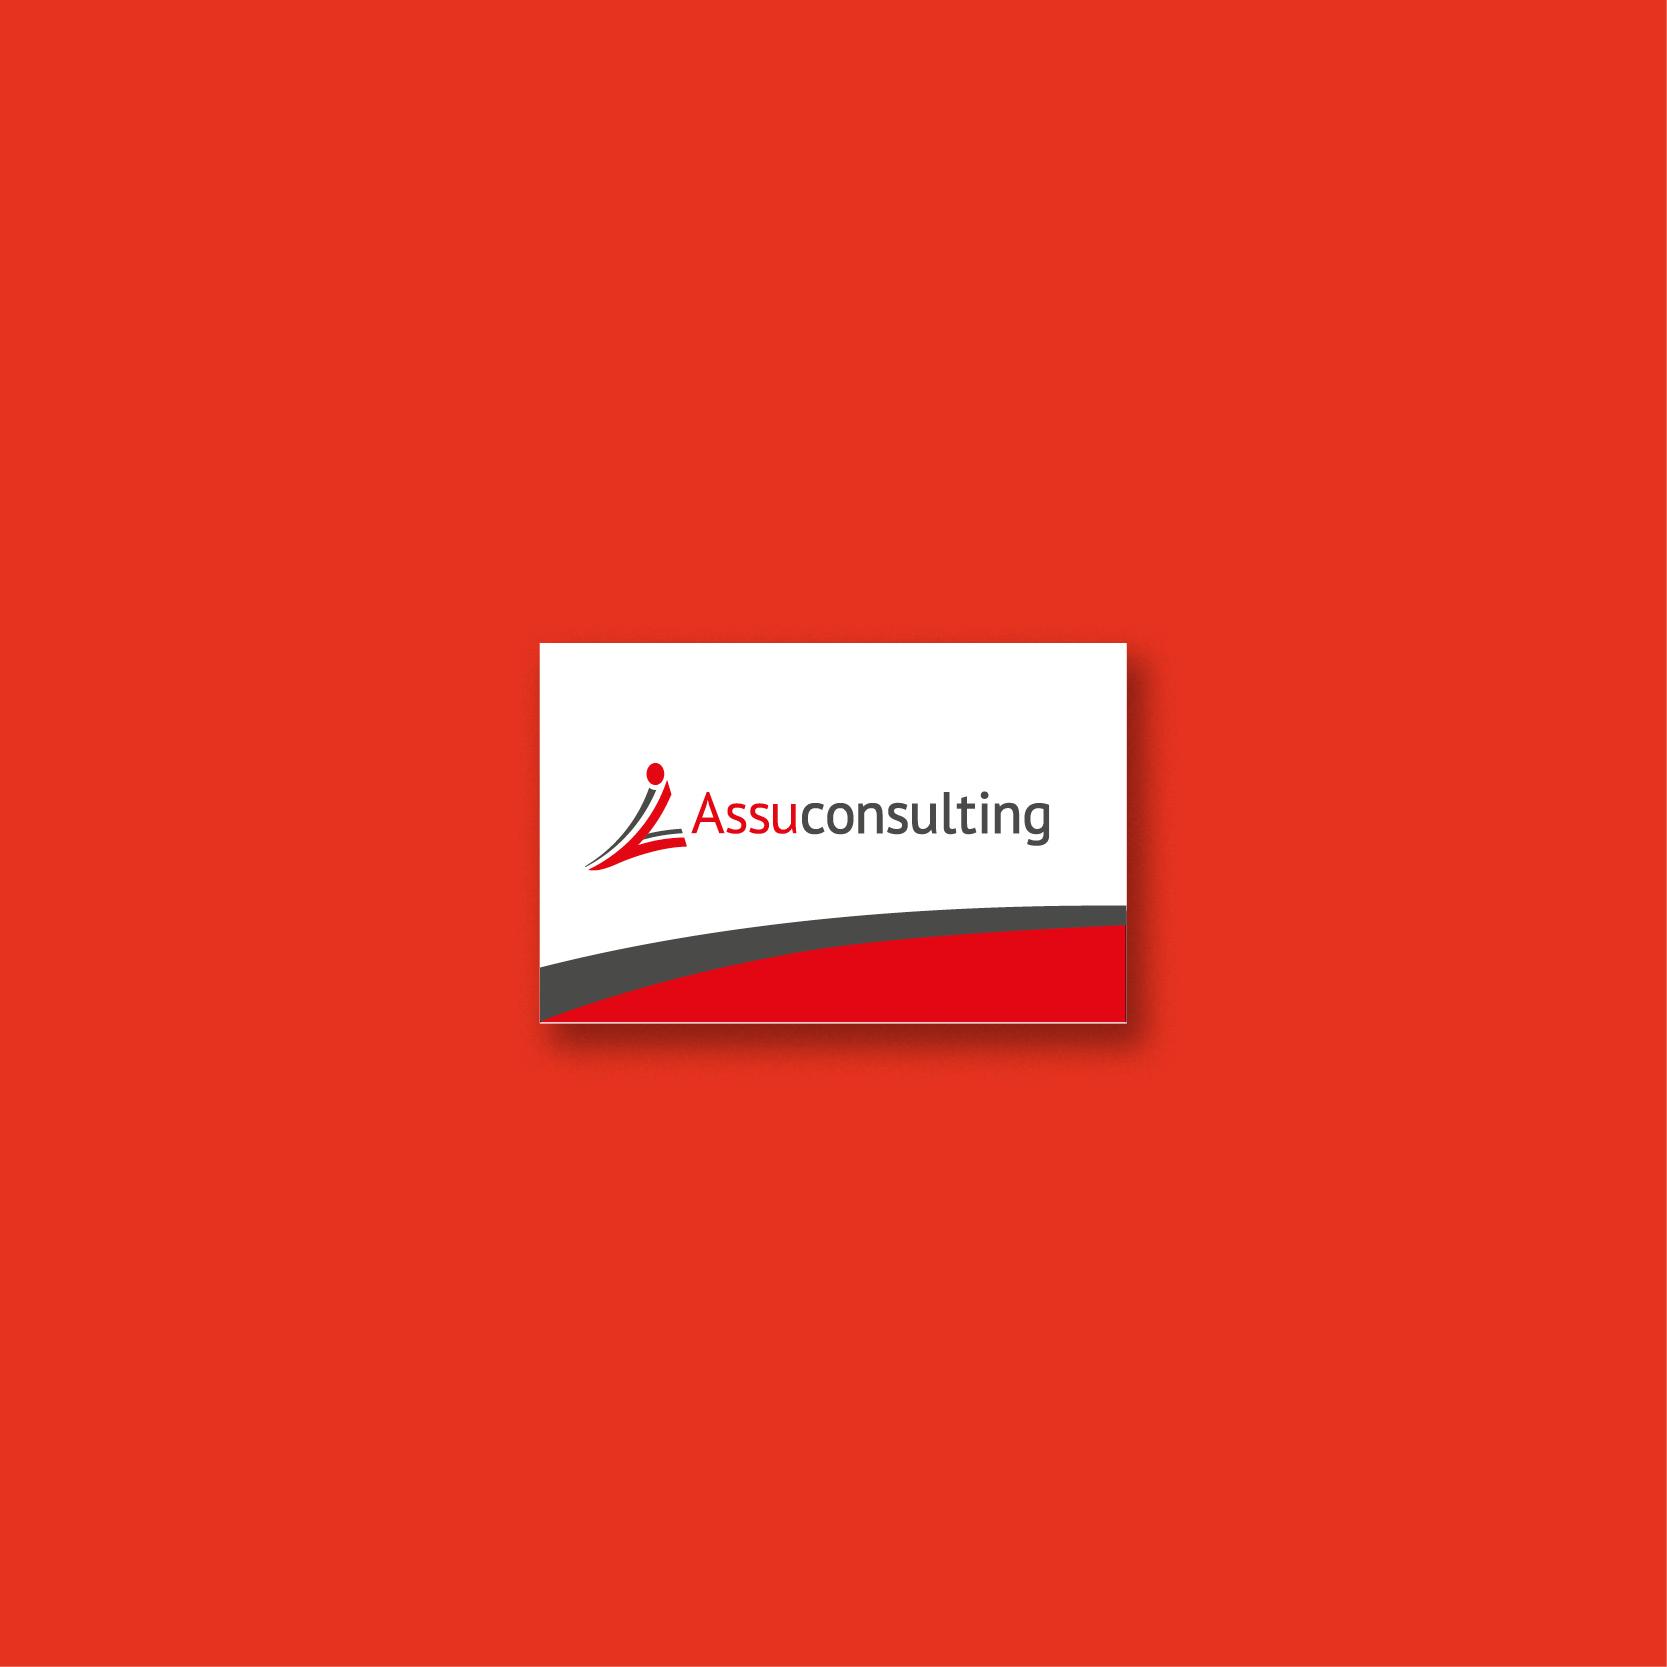 huisstijl assuconsulting